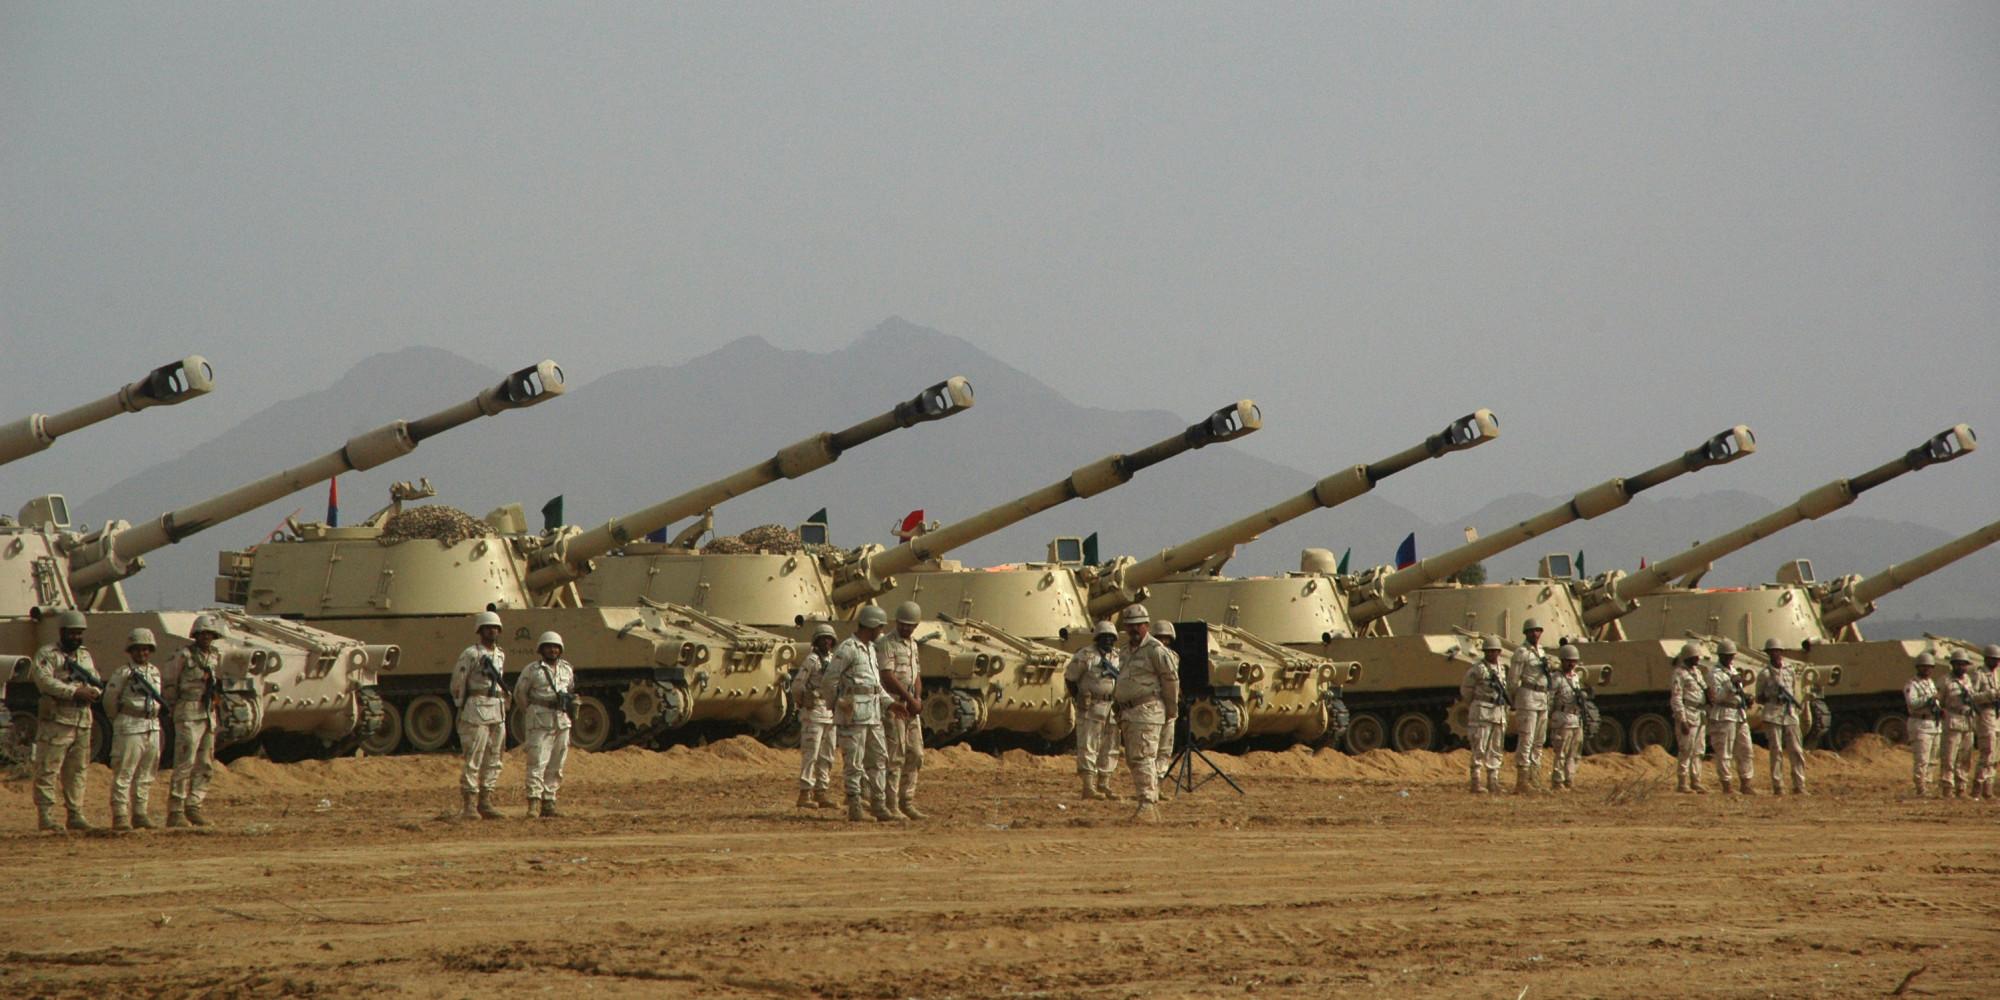 Zatímco Rusové už čtvrtý den drtí cíle v Sýrii, Saúdové dumají nad možností rozpoutat regionální válku